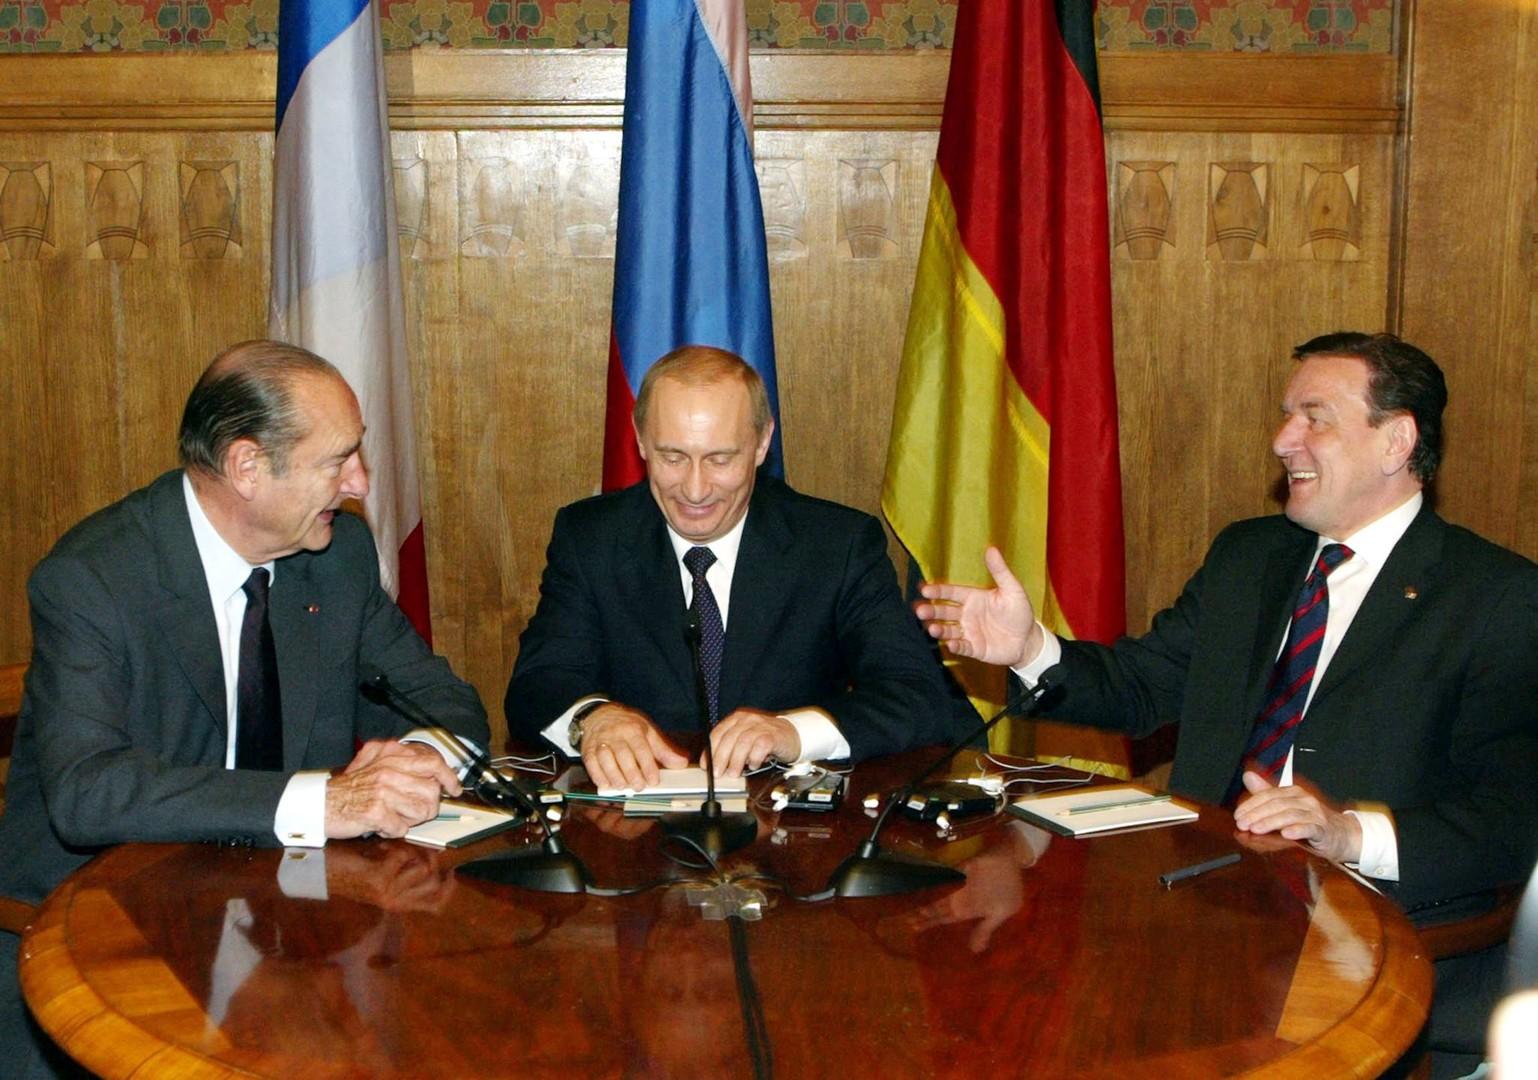 Chirac, Poutine et Schröder : le trio européen des années 2000